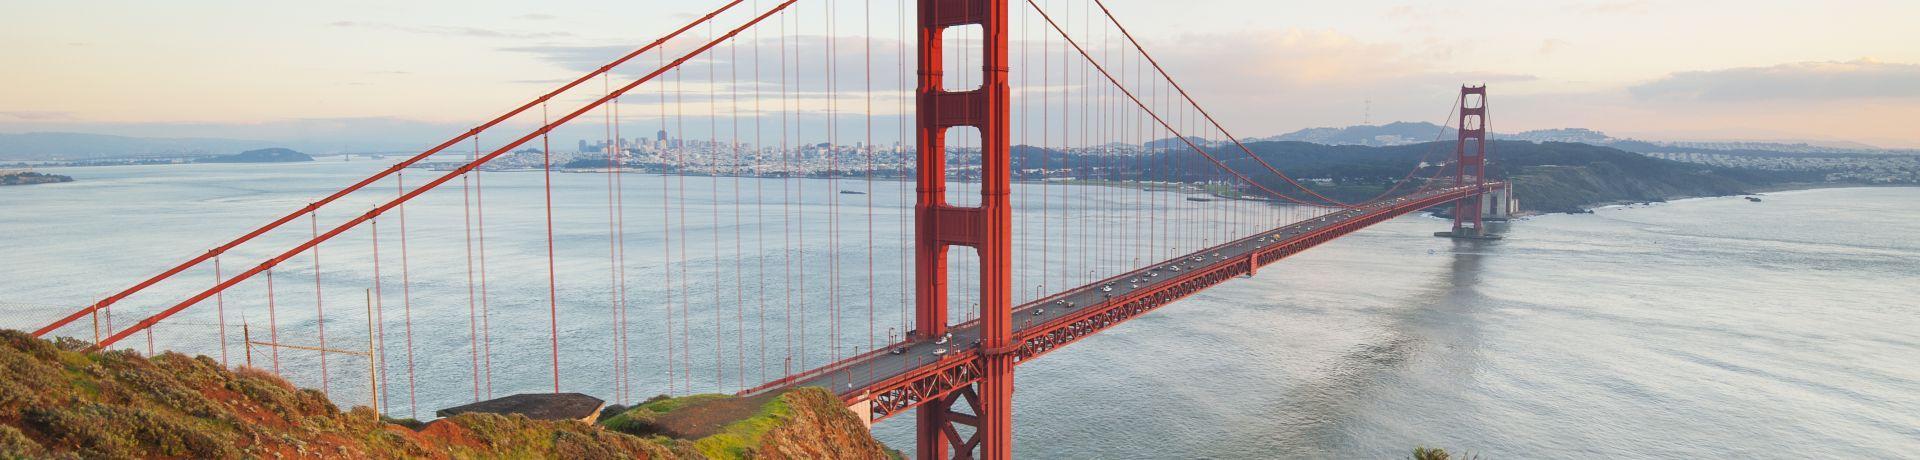 region-id-201-usa-kalifornien_TS_170185998_F1920x460.jpg